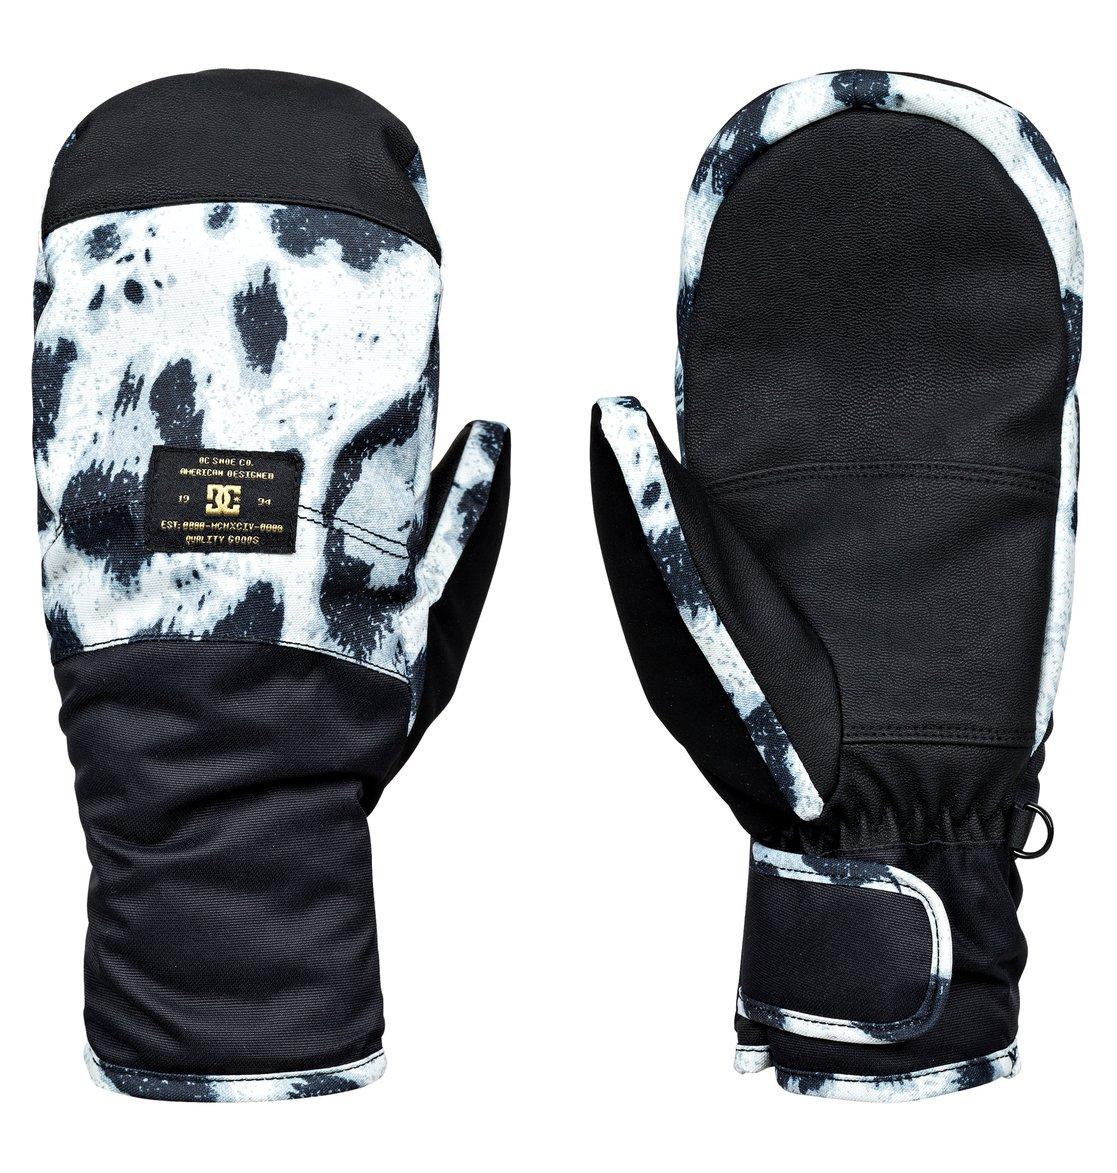 Franchise - Moufles de snowboard/ski pour Femme - DC Shoes